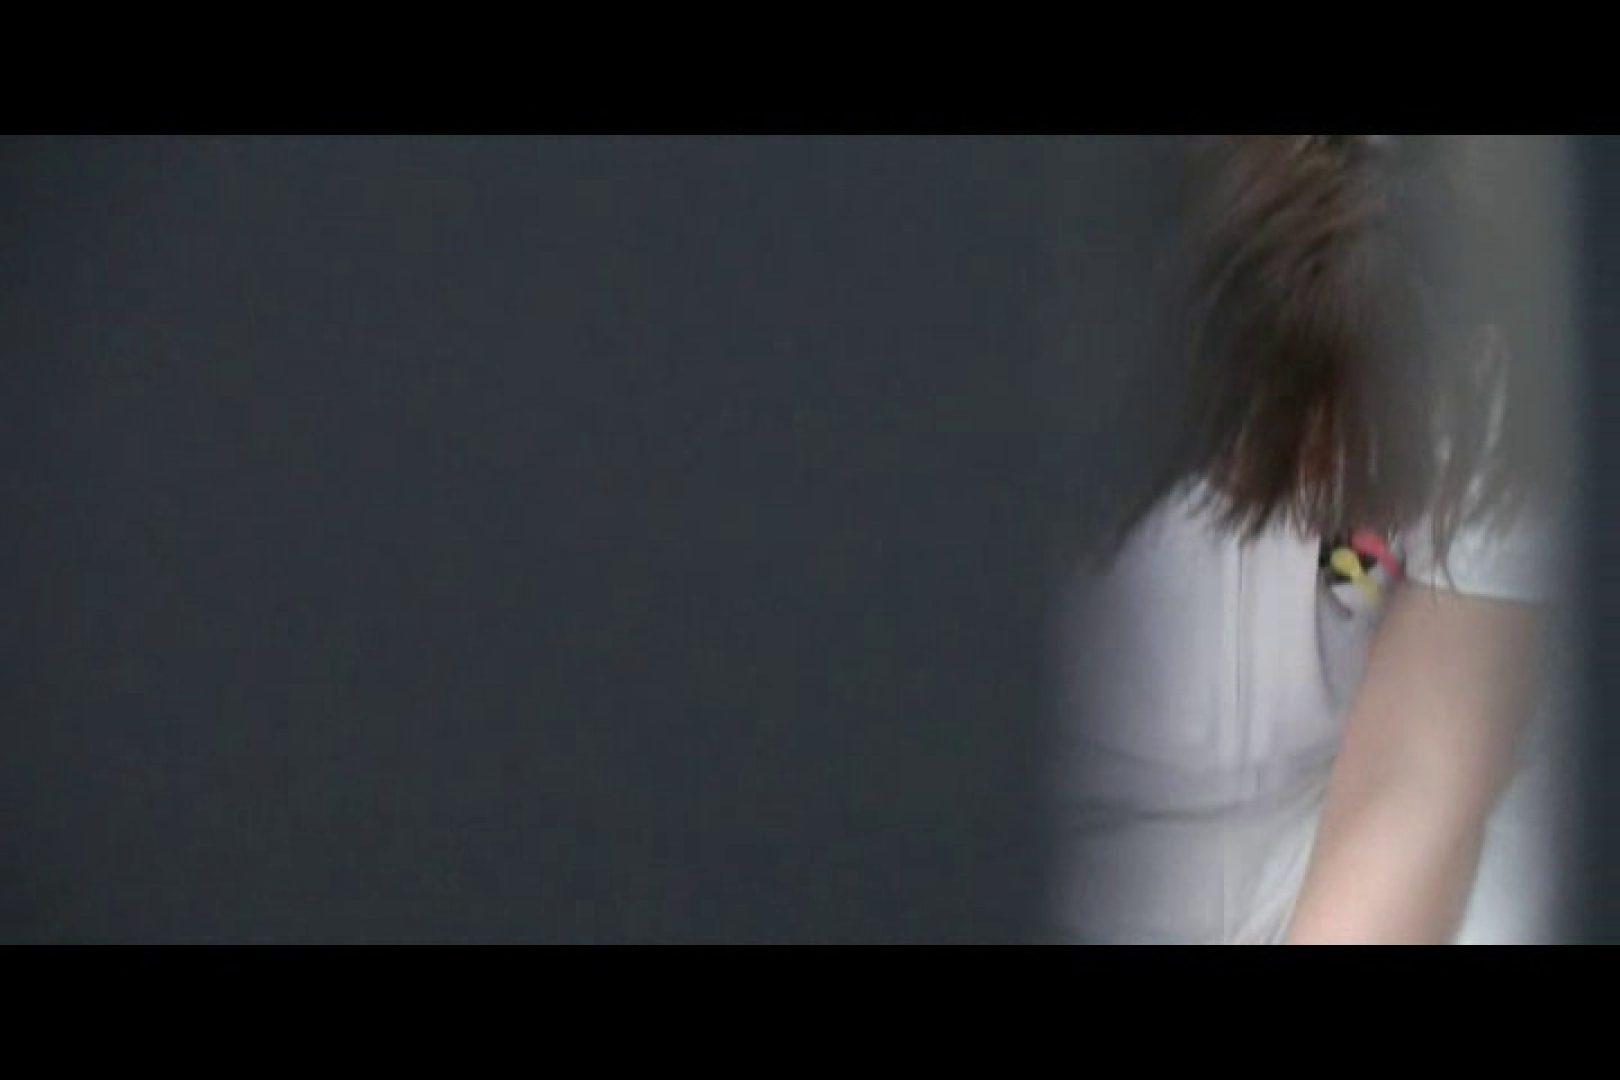 独占配信!無修正! 看護女子寮 vol.06 女子寮 盗撮動画紹介 64連発 17